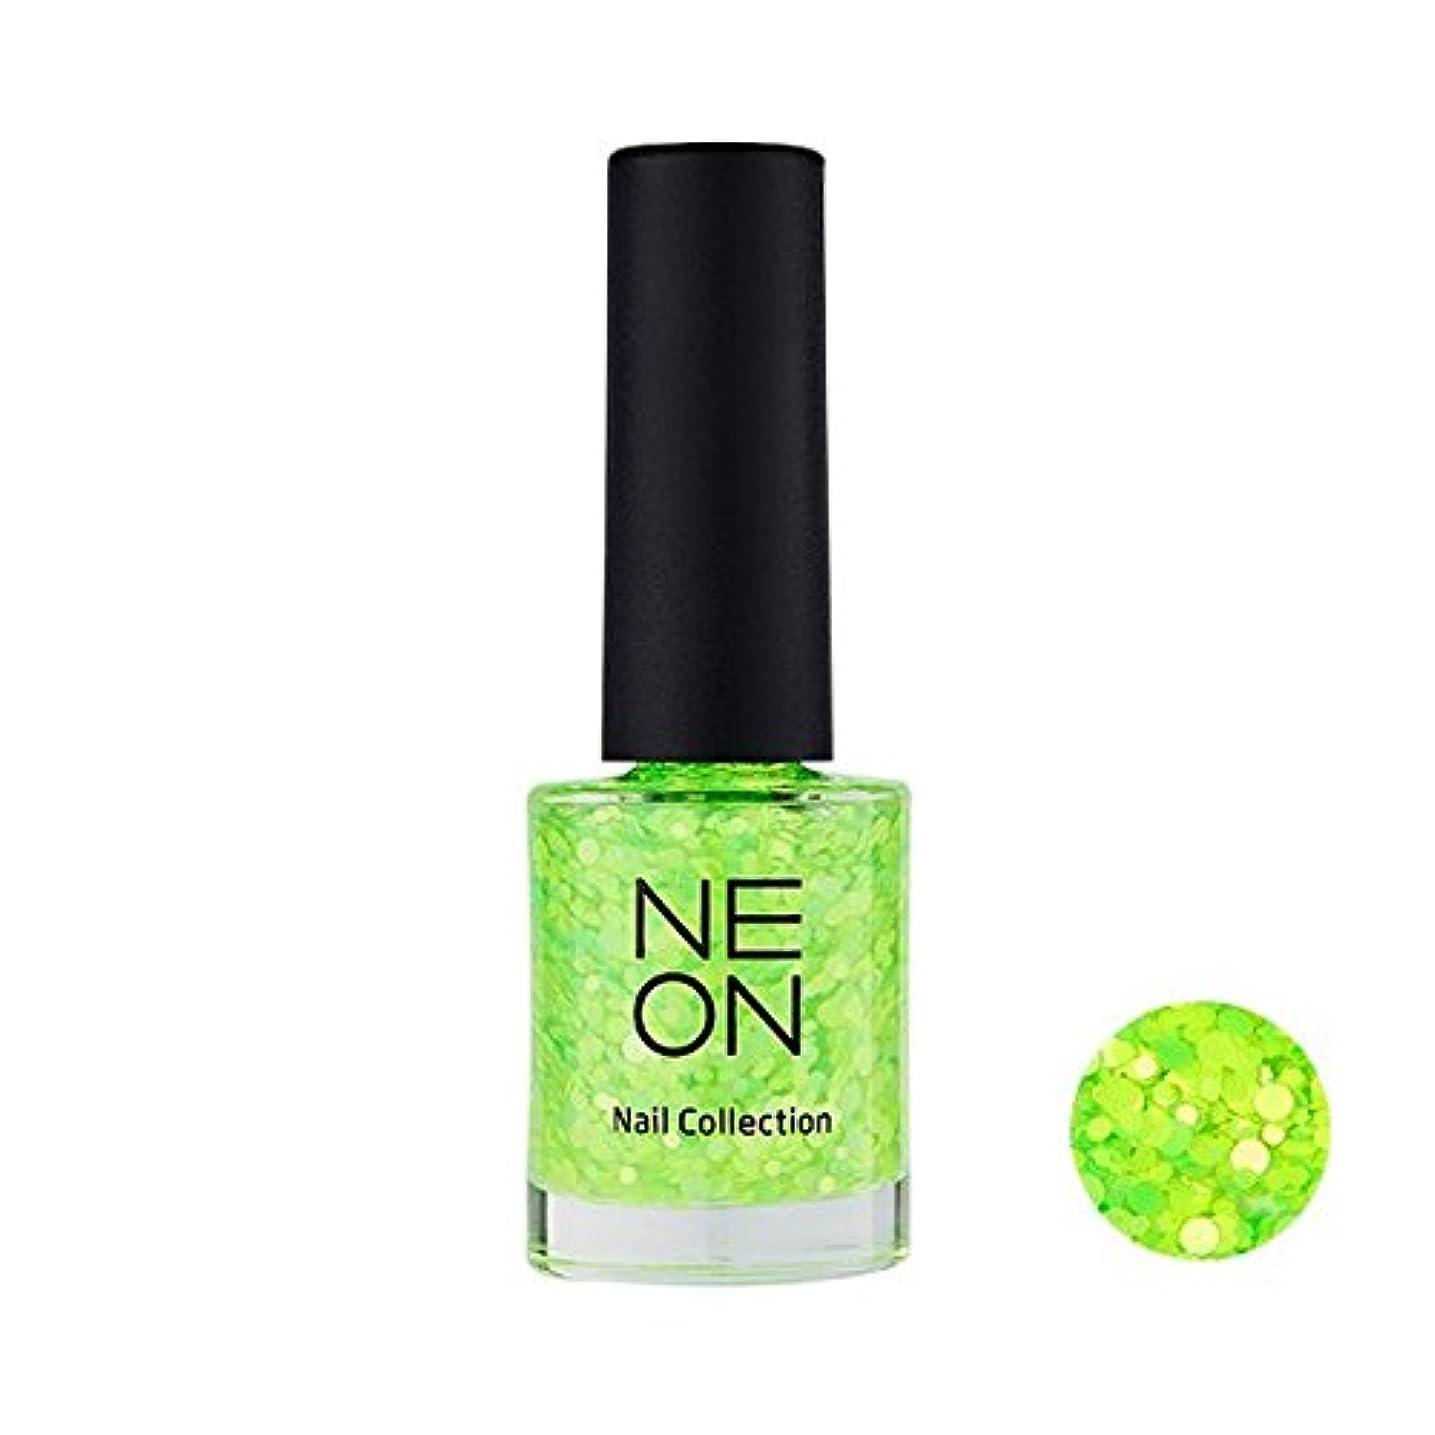 砂の首尾一貫した気候It'S SKIN Neon nail collection [04 Neon Glitter green] イッツスキン ネオンネイルコレクション [04 ネオン グリッター グリーン] [並行輸入品]